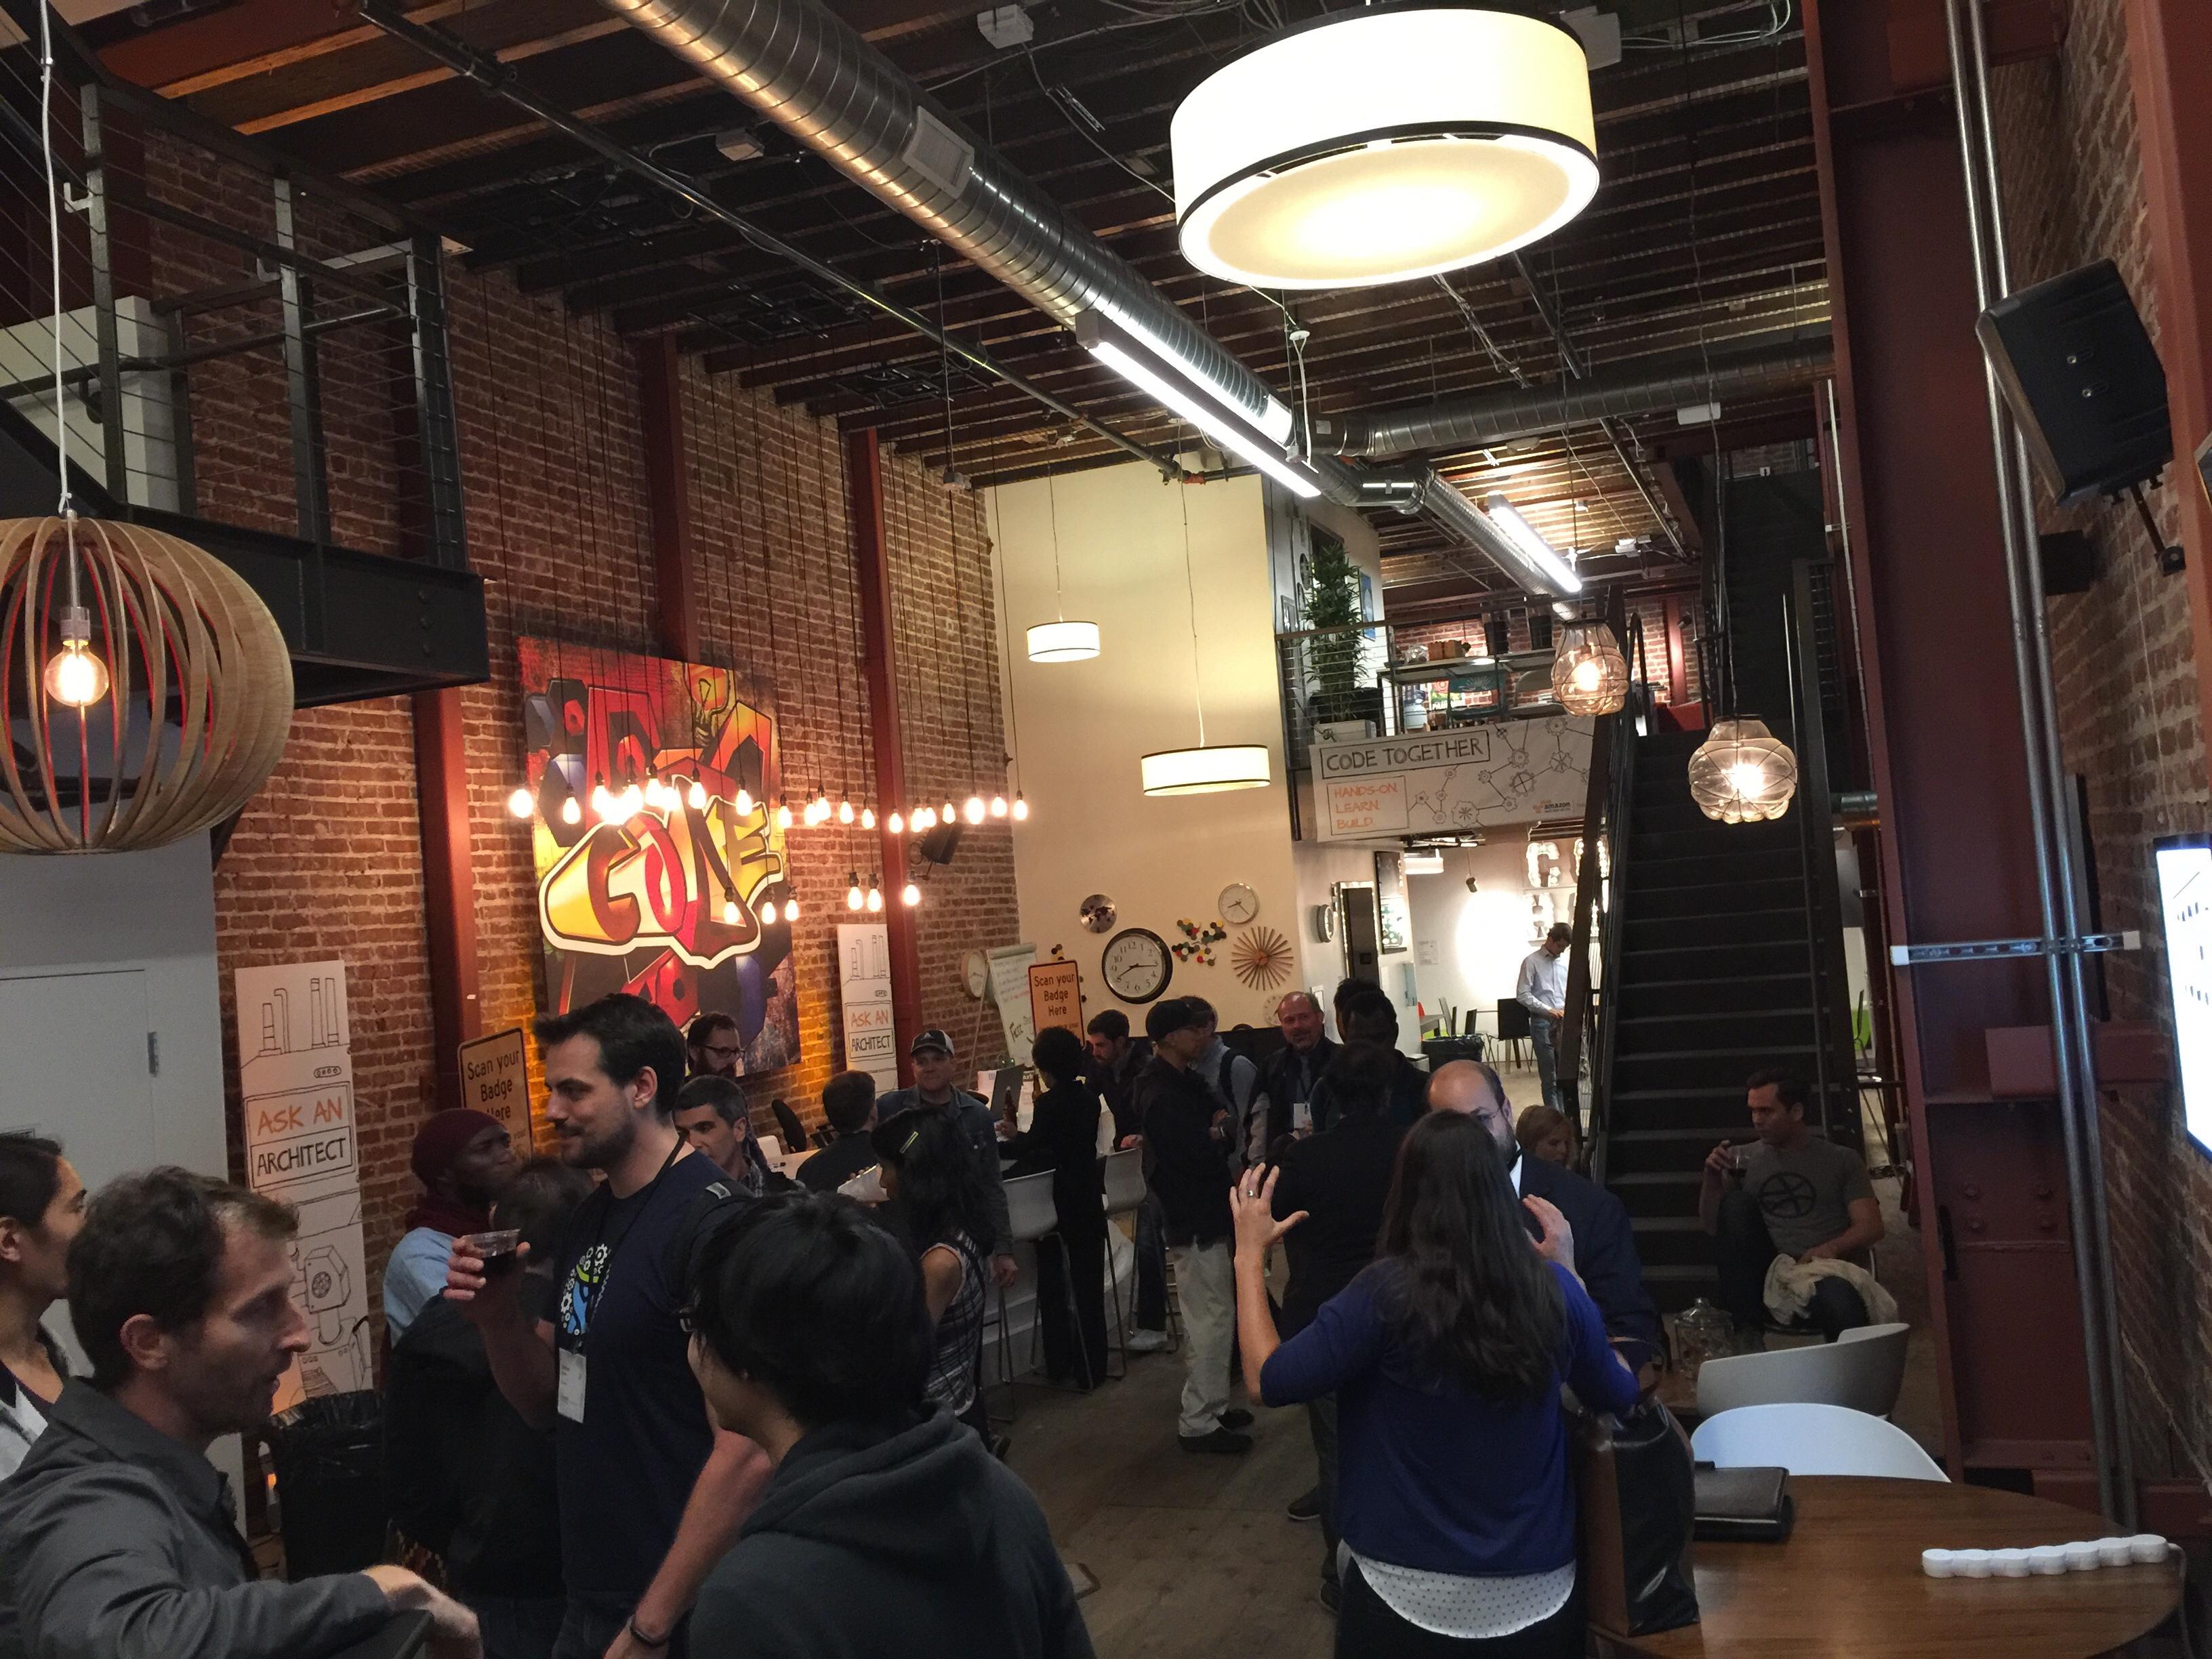 San Francisco Bitcoin Meetup